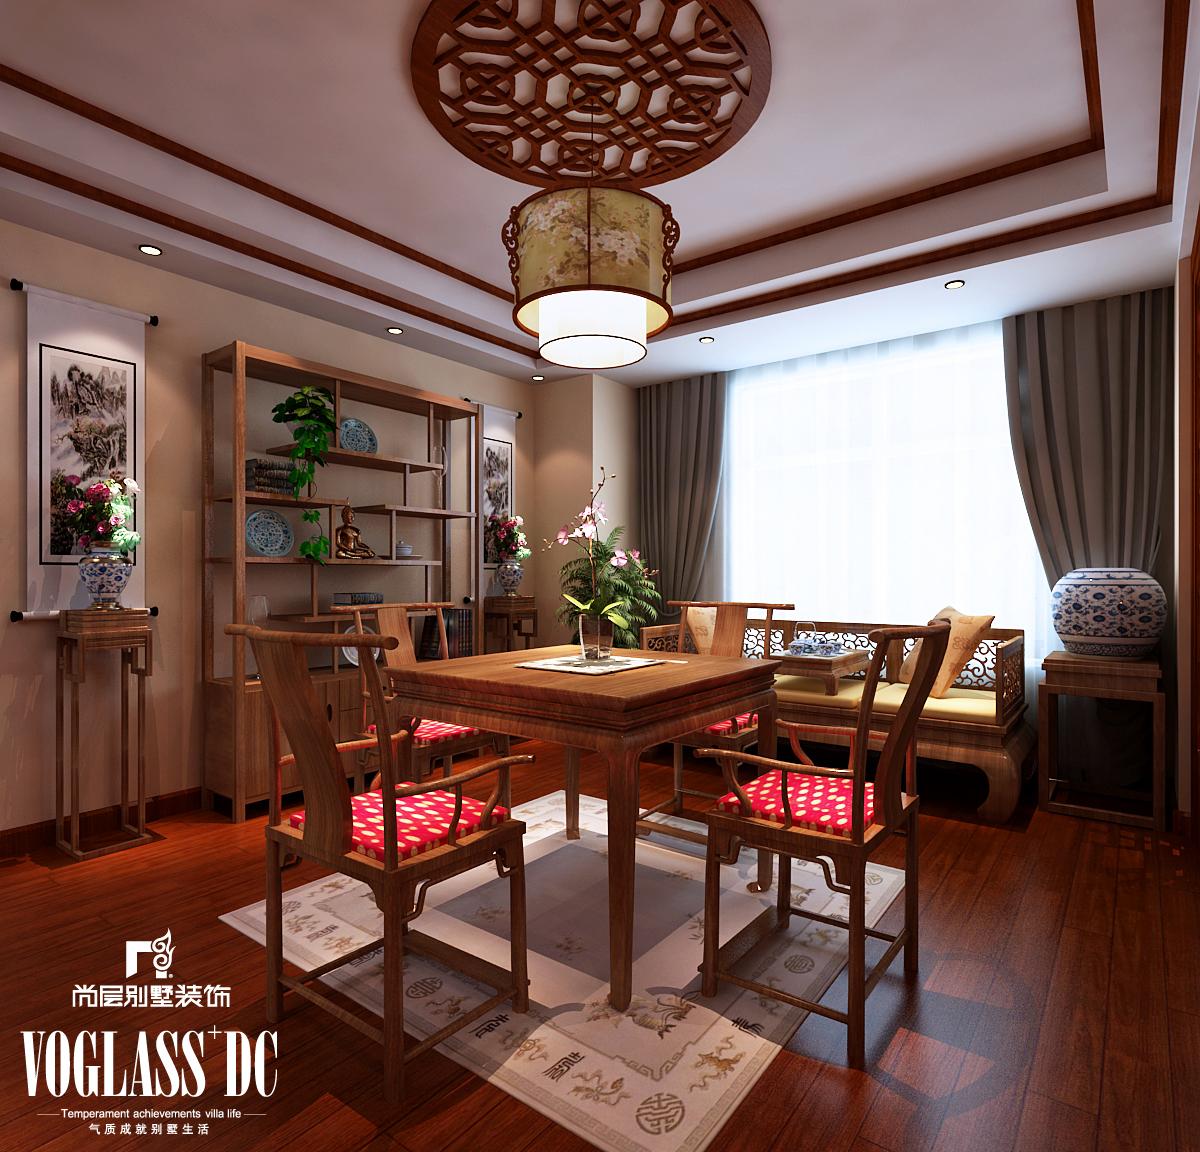 别墅 混搭 中式 天津尚层 餐厅图片来自Spencer丶nuzzi在博轩园别墅的分享